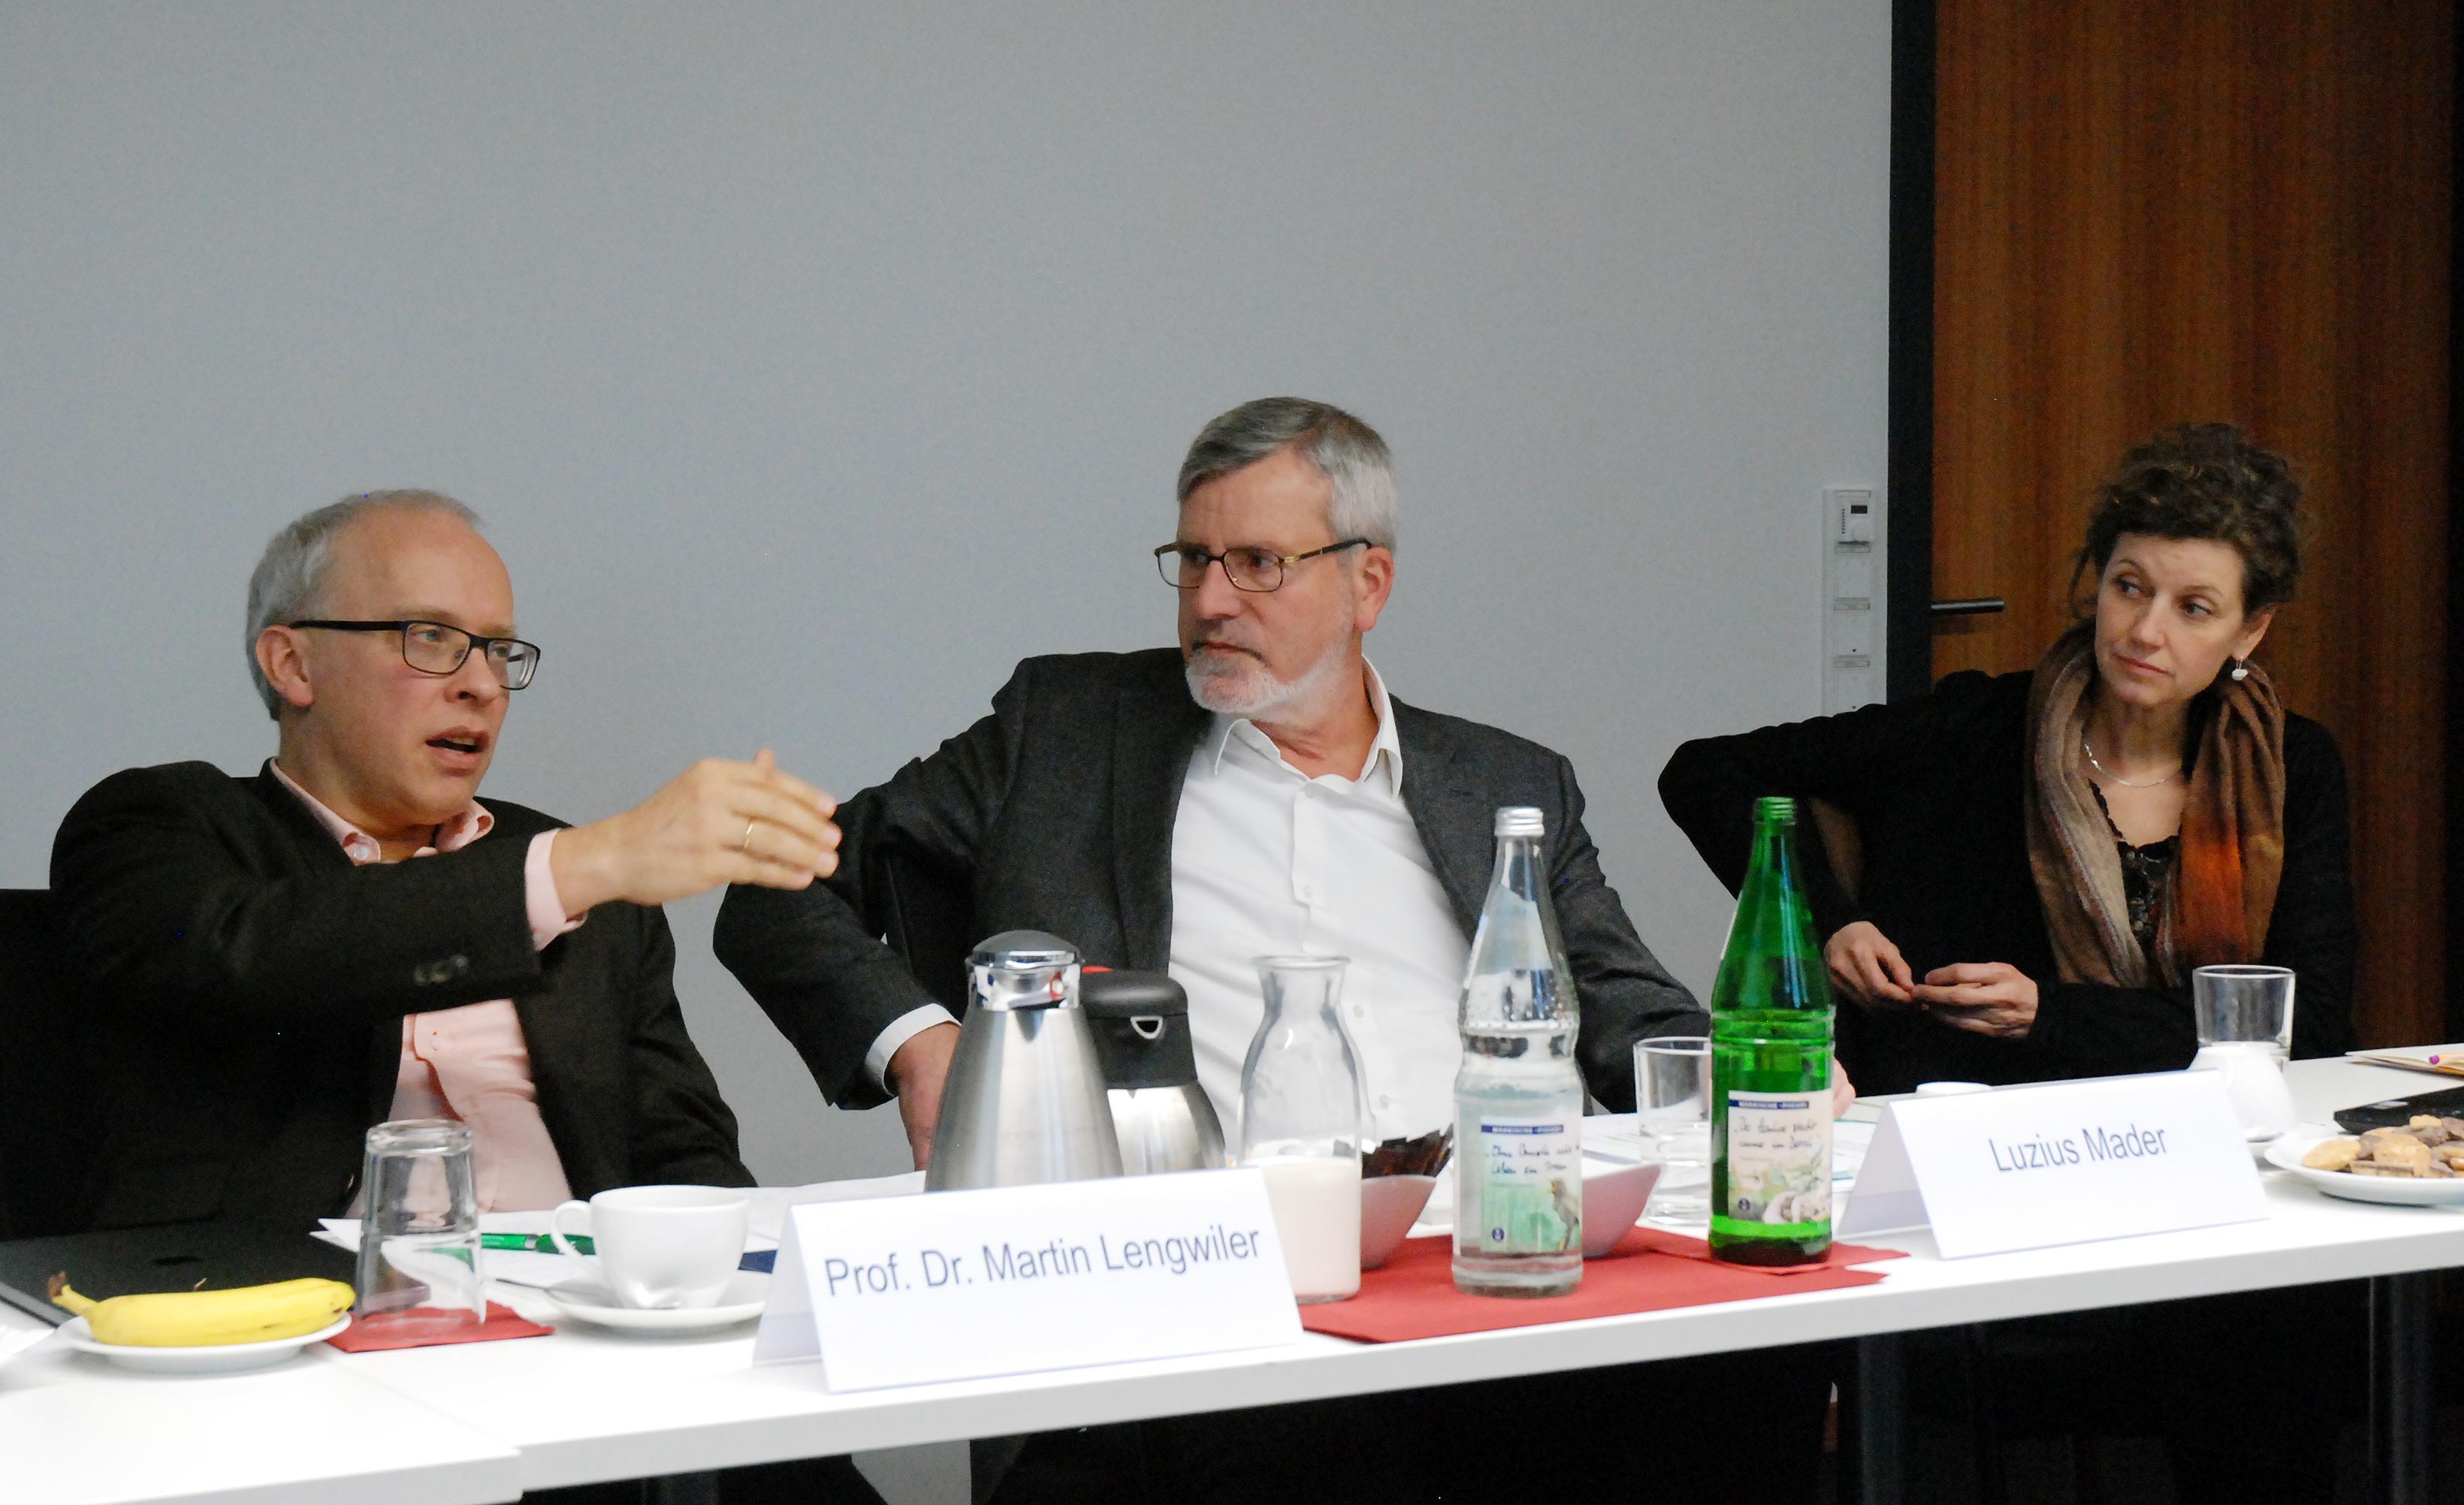 von links nach rechts: Prof. Dr. Martin Lengwiler, Luzius Mader, Dr. Stephanie Schönholzer